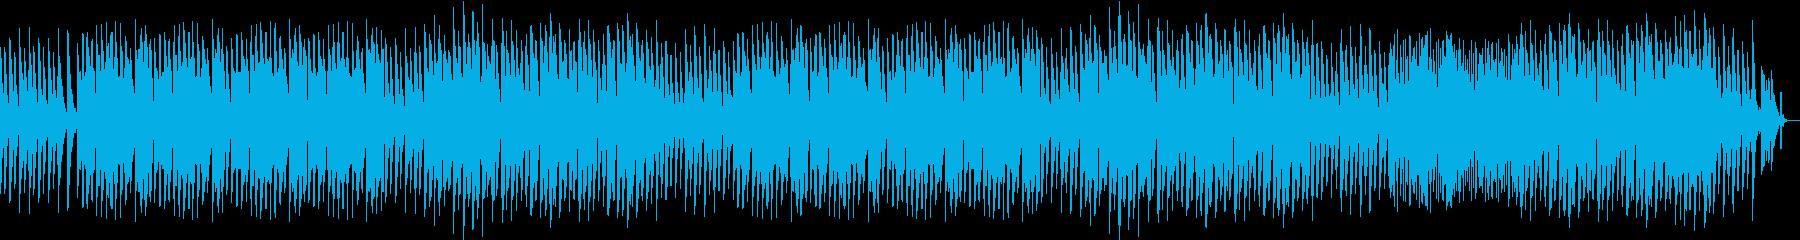 悲しげな回想シーンをイメージしました。の再生済みの波形